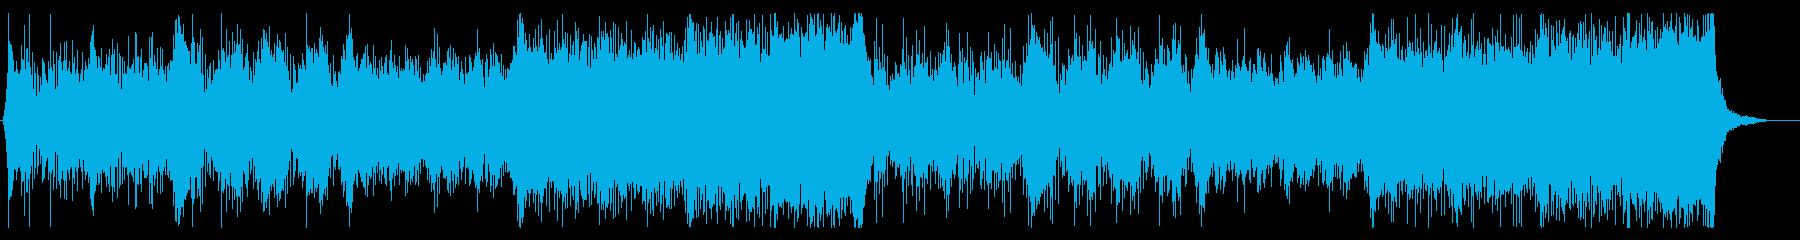 ミステリアスな事件を調査するダークBGMの再生済みの波形